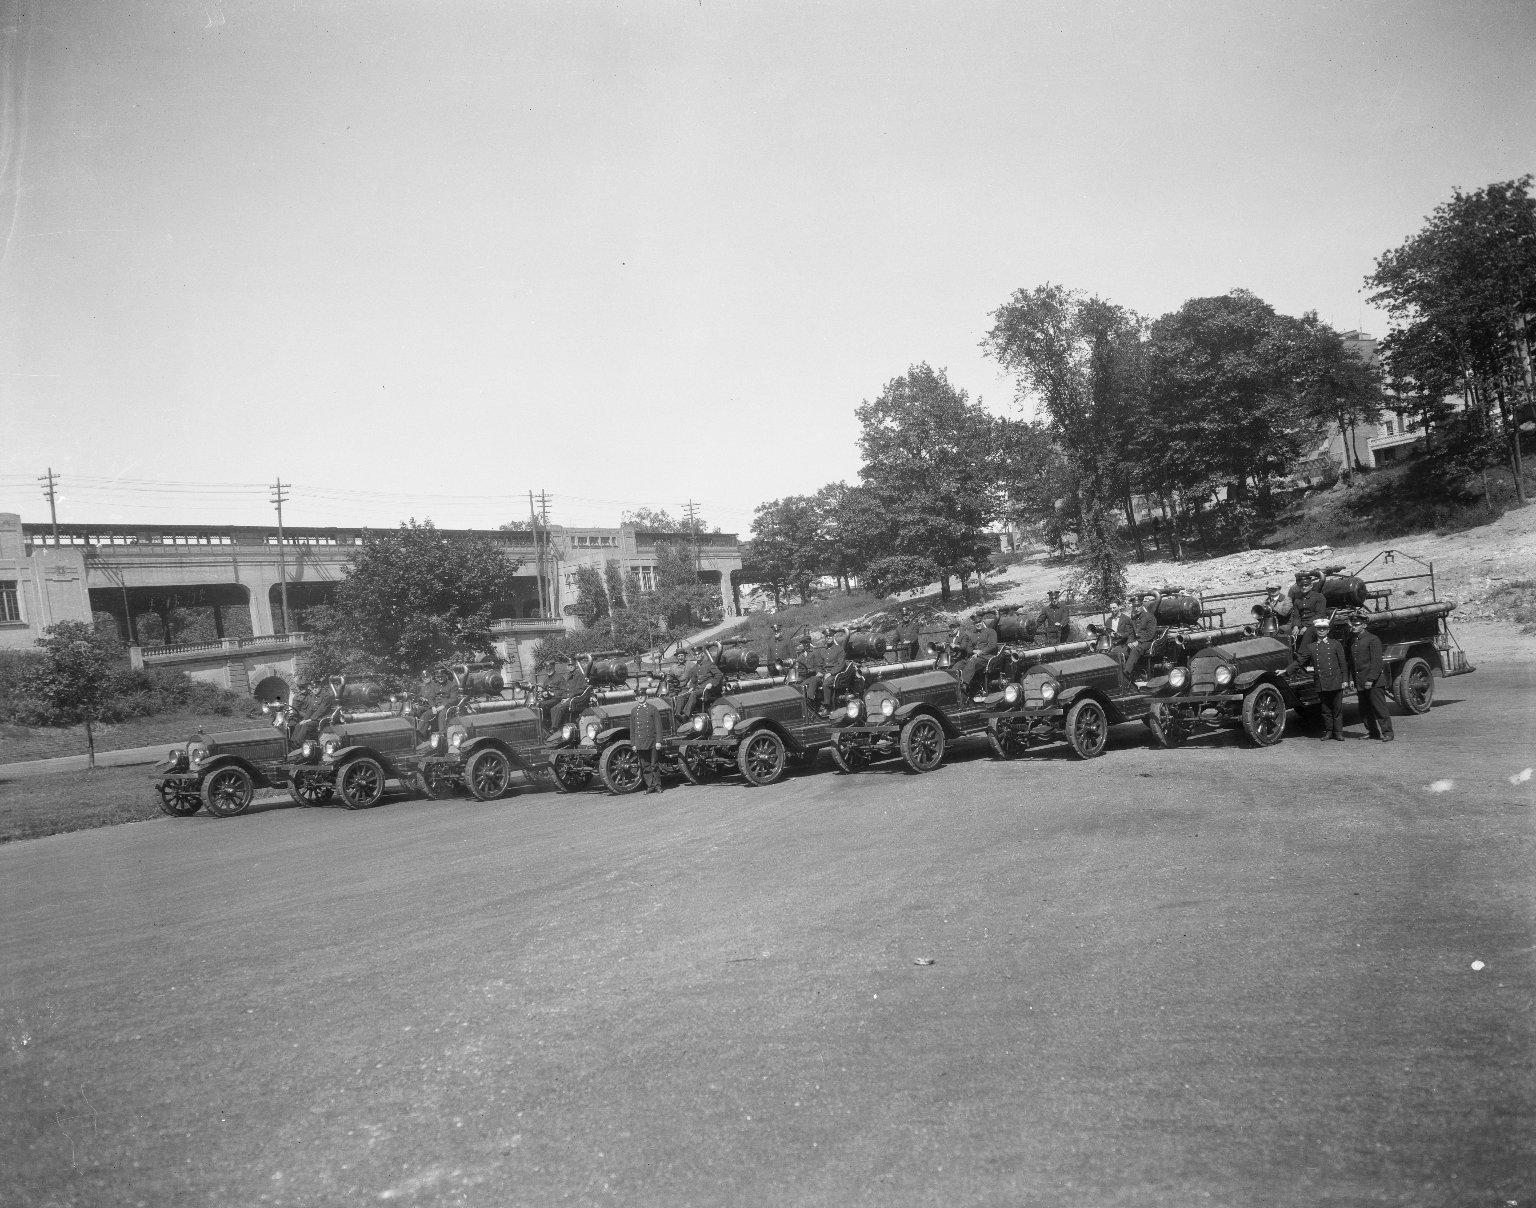 Испытания пожарных автомобилей. Нью-Йорк, США. 1920-е